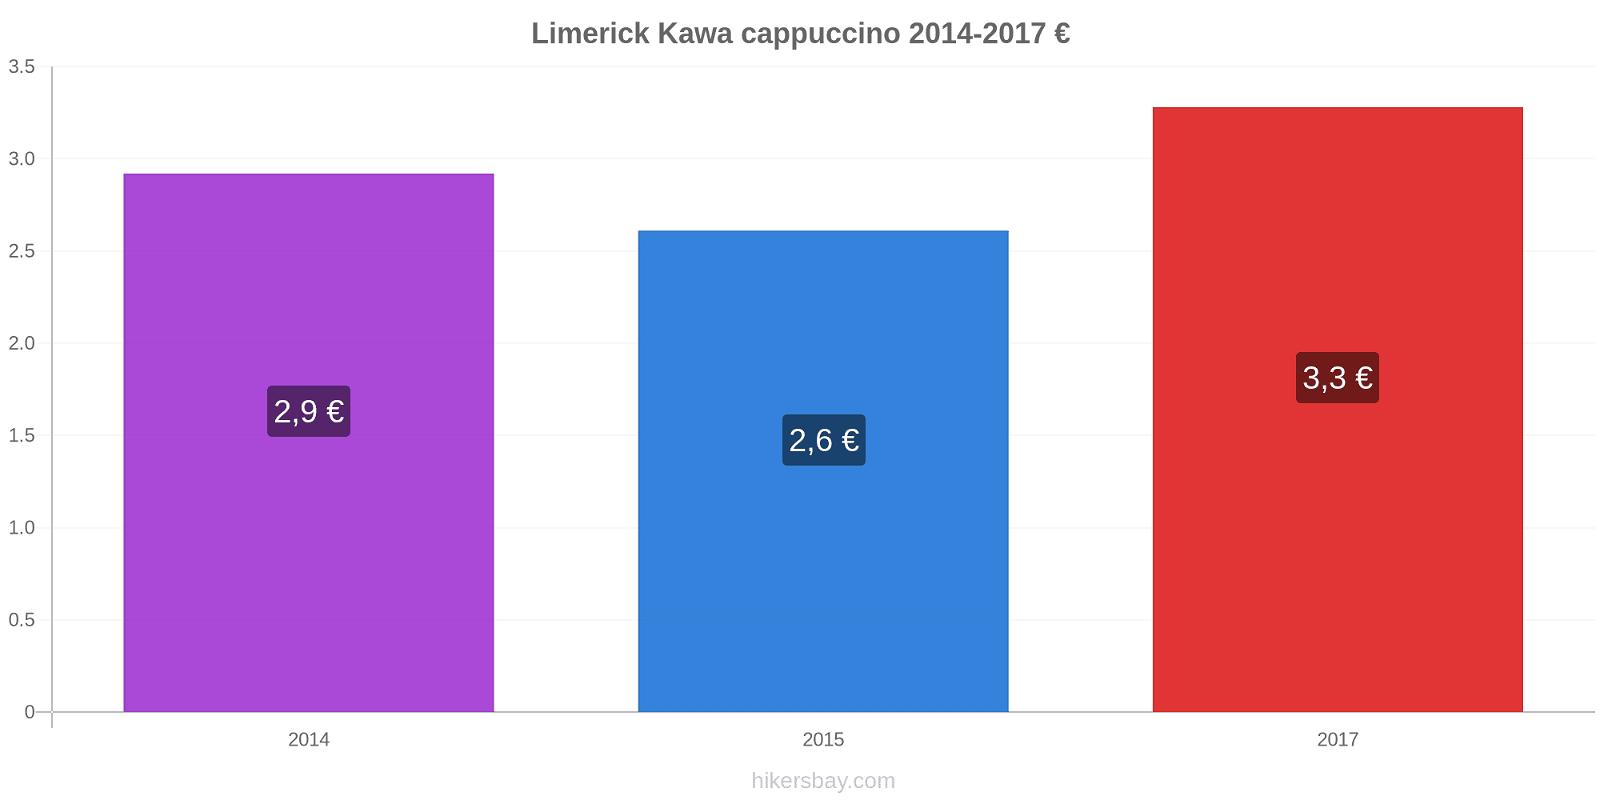 Limerick zmiany cen Kawa cappuccino hikersbay.com